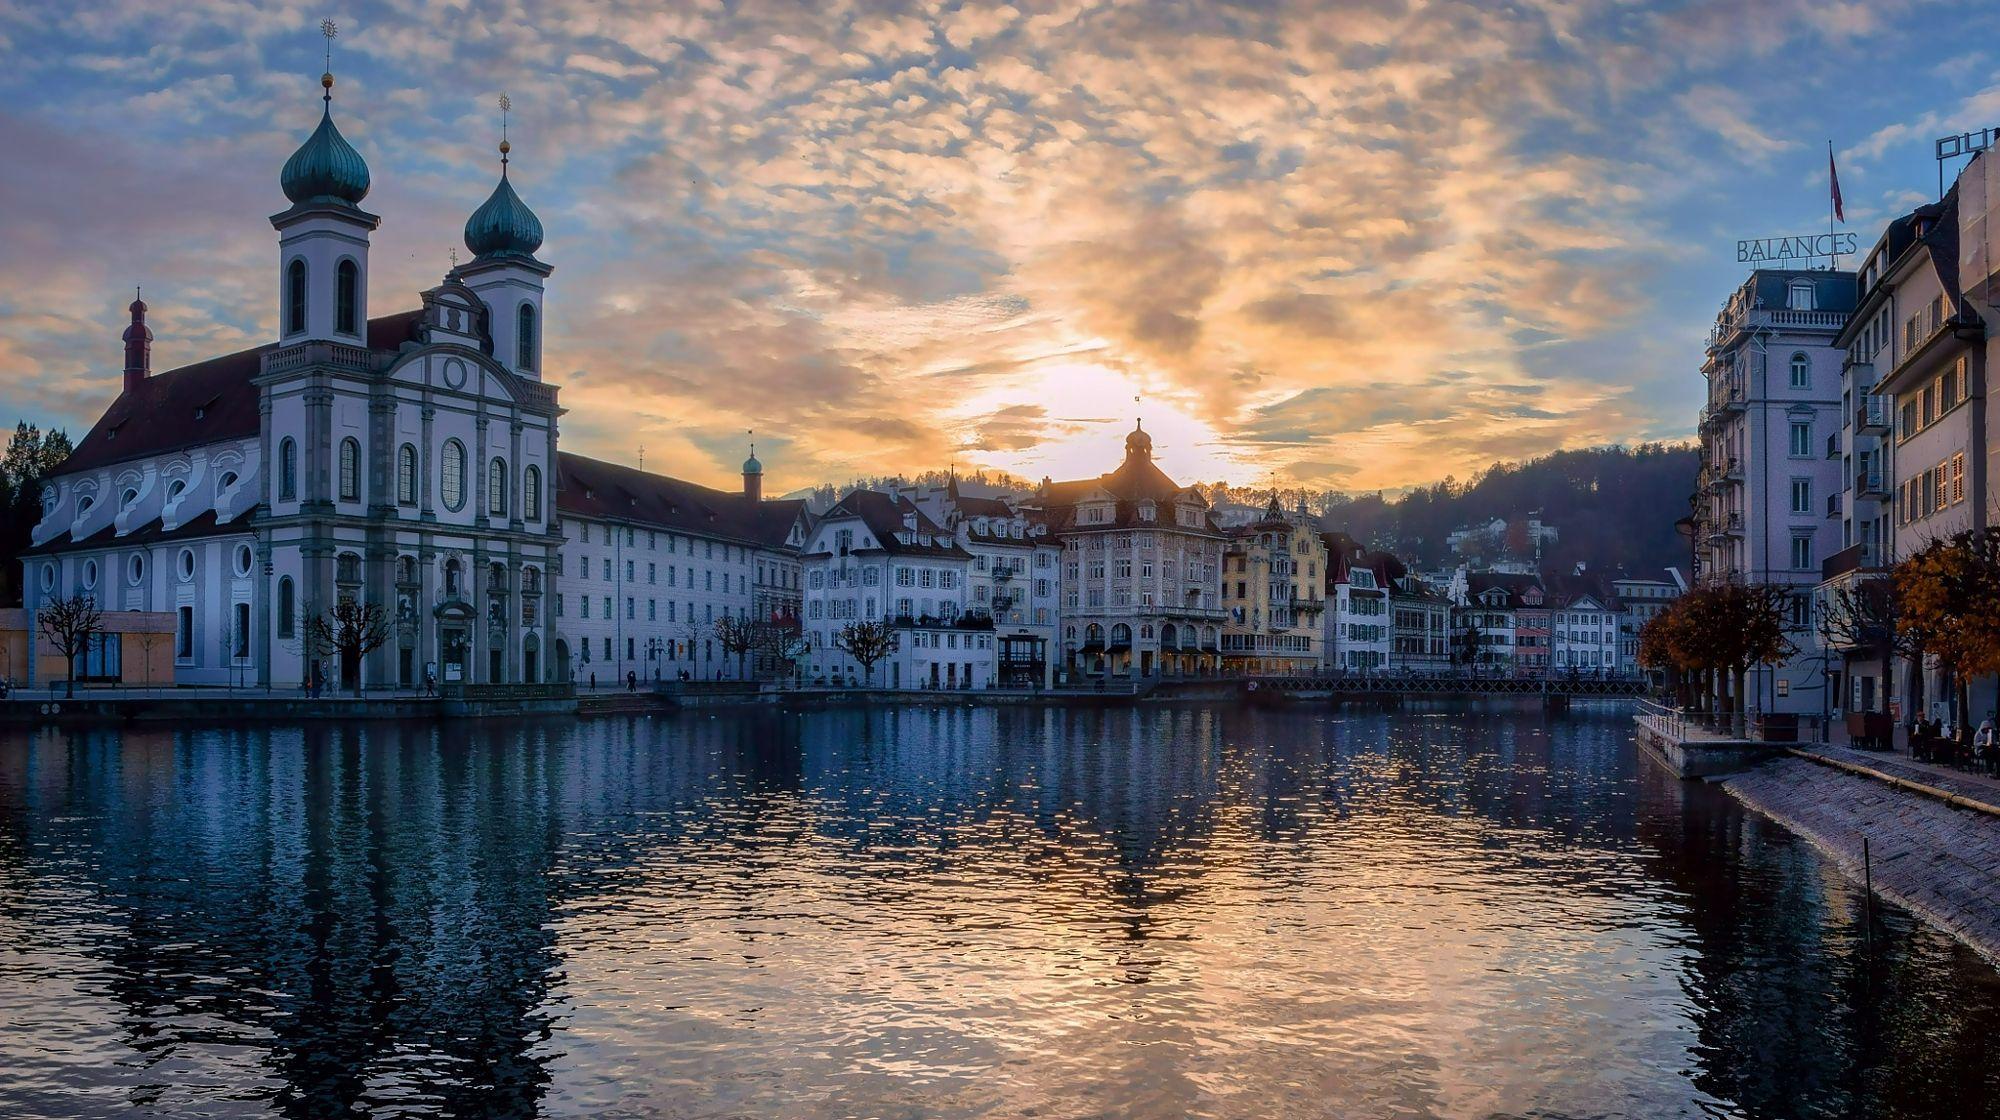 Eglise des Jésuites  Lucerne  City and architecture photo by krigou http://rarme.com/?F9gZi